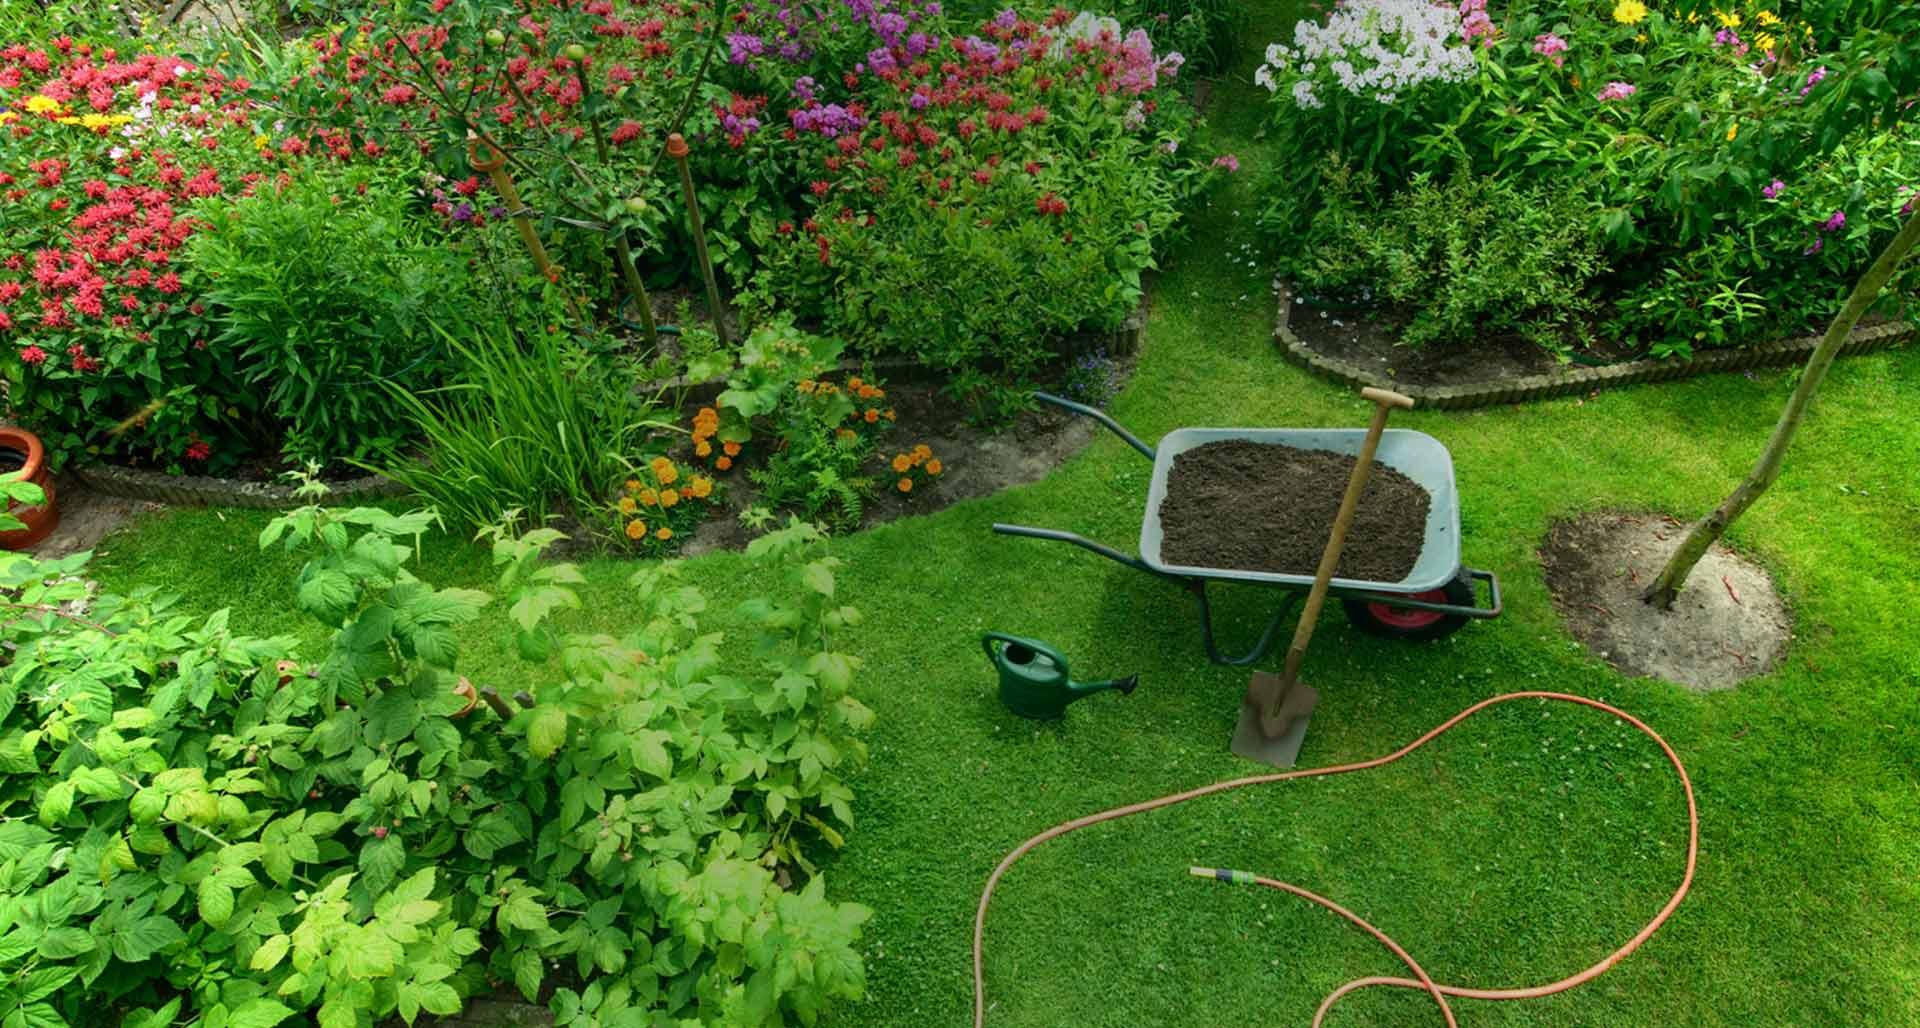 Jardineries Truffaut : Spécialiste Jardin, Animaux, Maison ... tout Jardin En Pots Potager